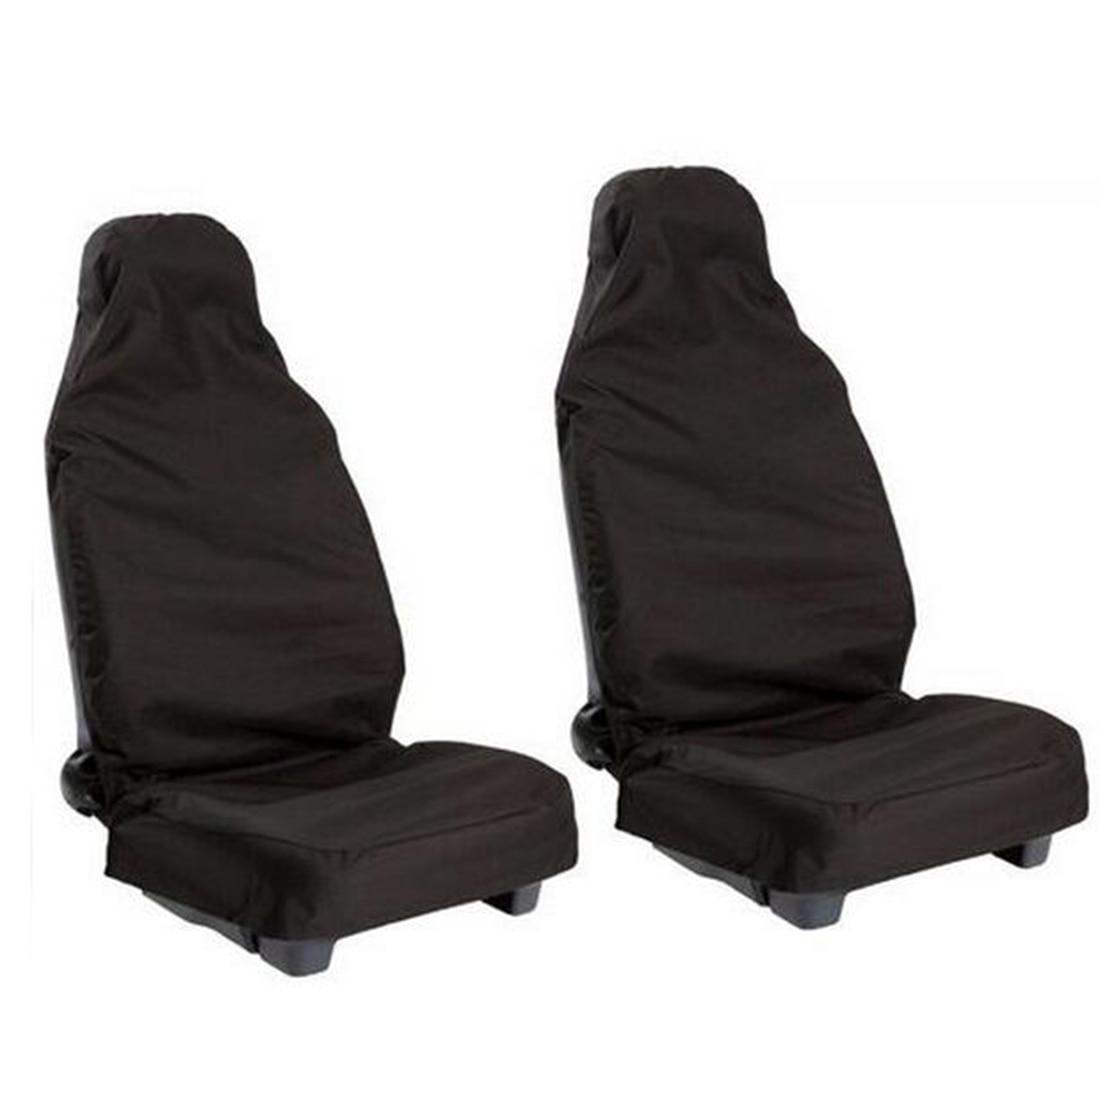 CAR-partment Premium ūdensnecaurlaidīga kausa sēdekļa pārsegs universāli piemērots vairumam automašīnu kravas automobiļu melnā auto sēdekļa aizsargs 1 gab